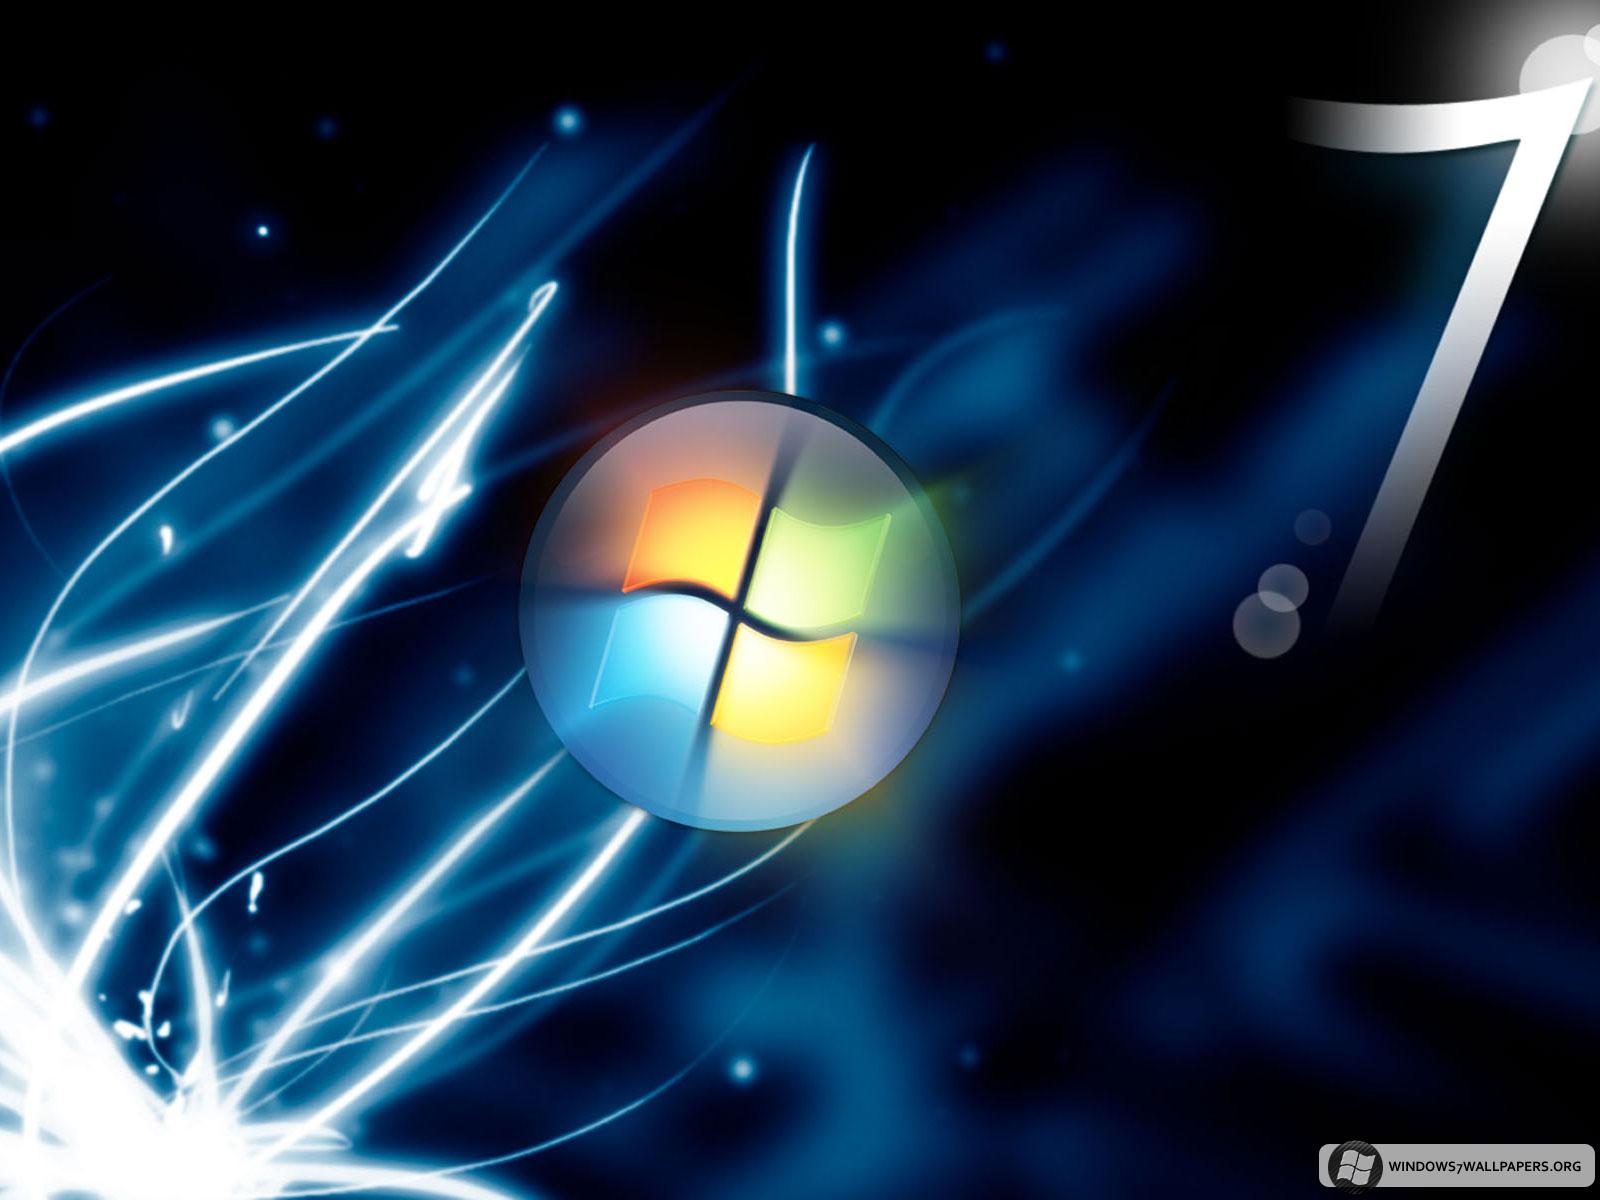 3d windows logo wallpapers 3d windows logo wallpapers 3d windows